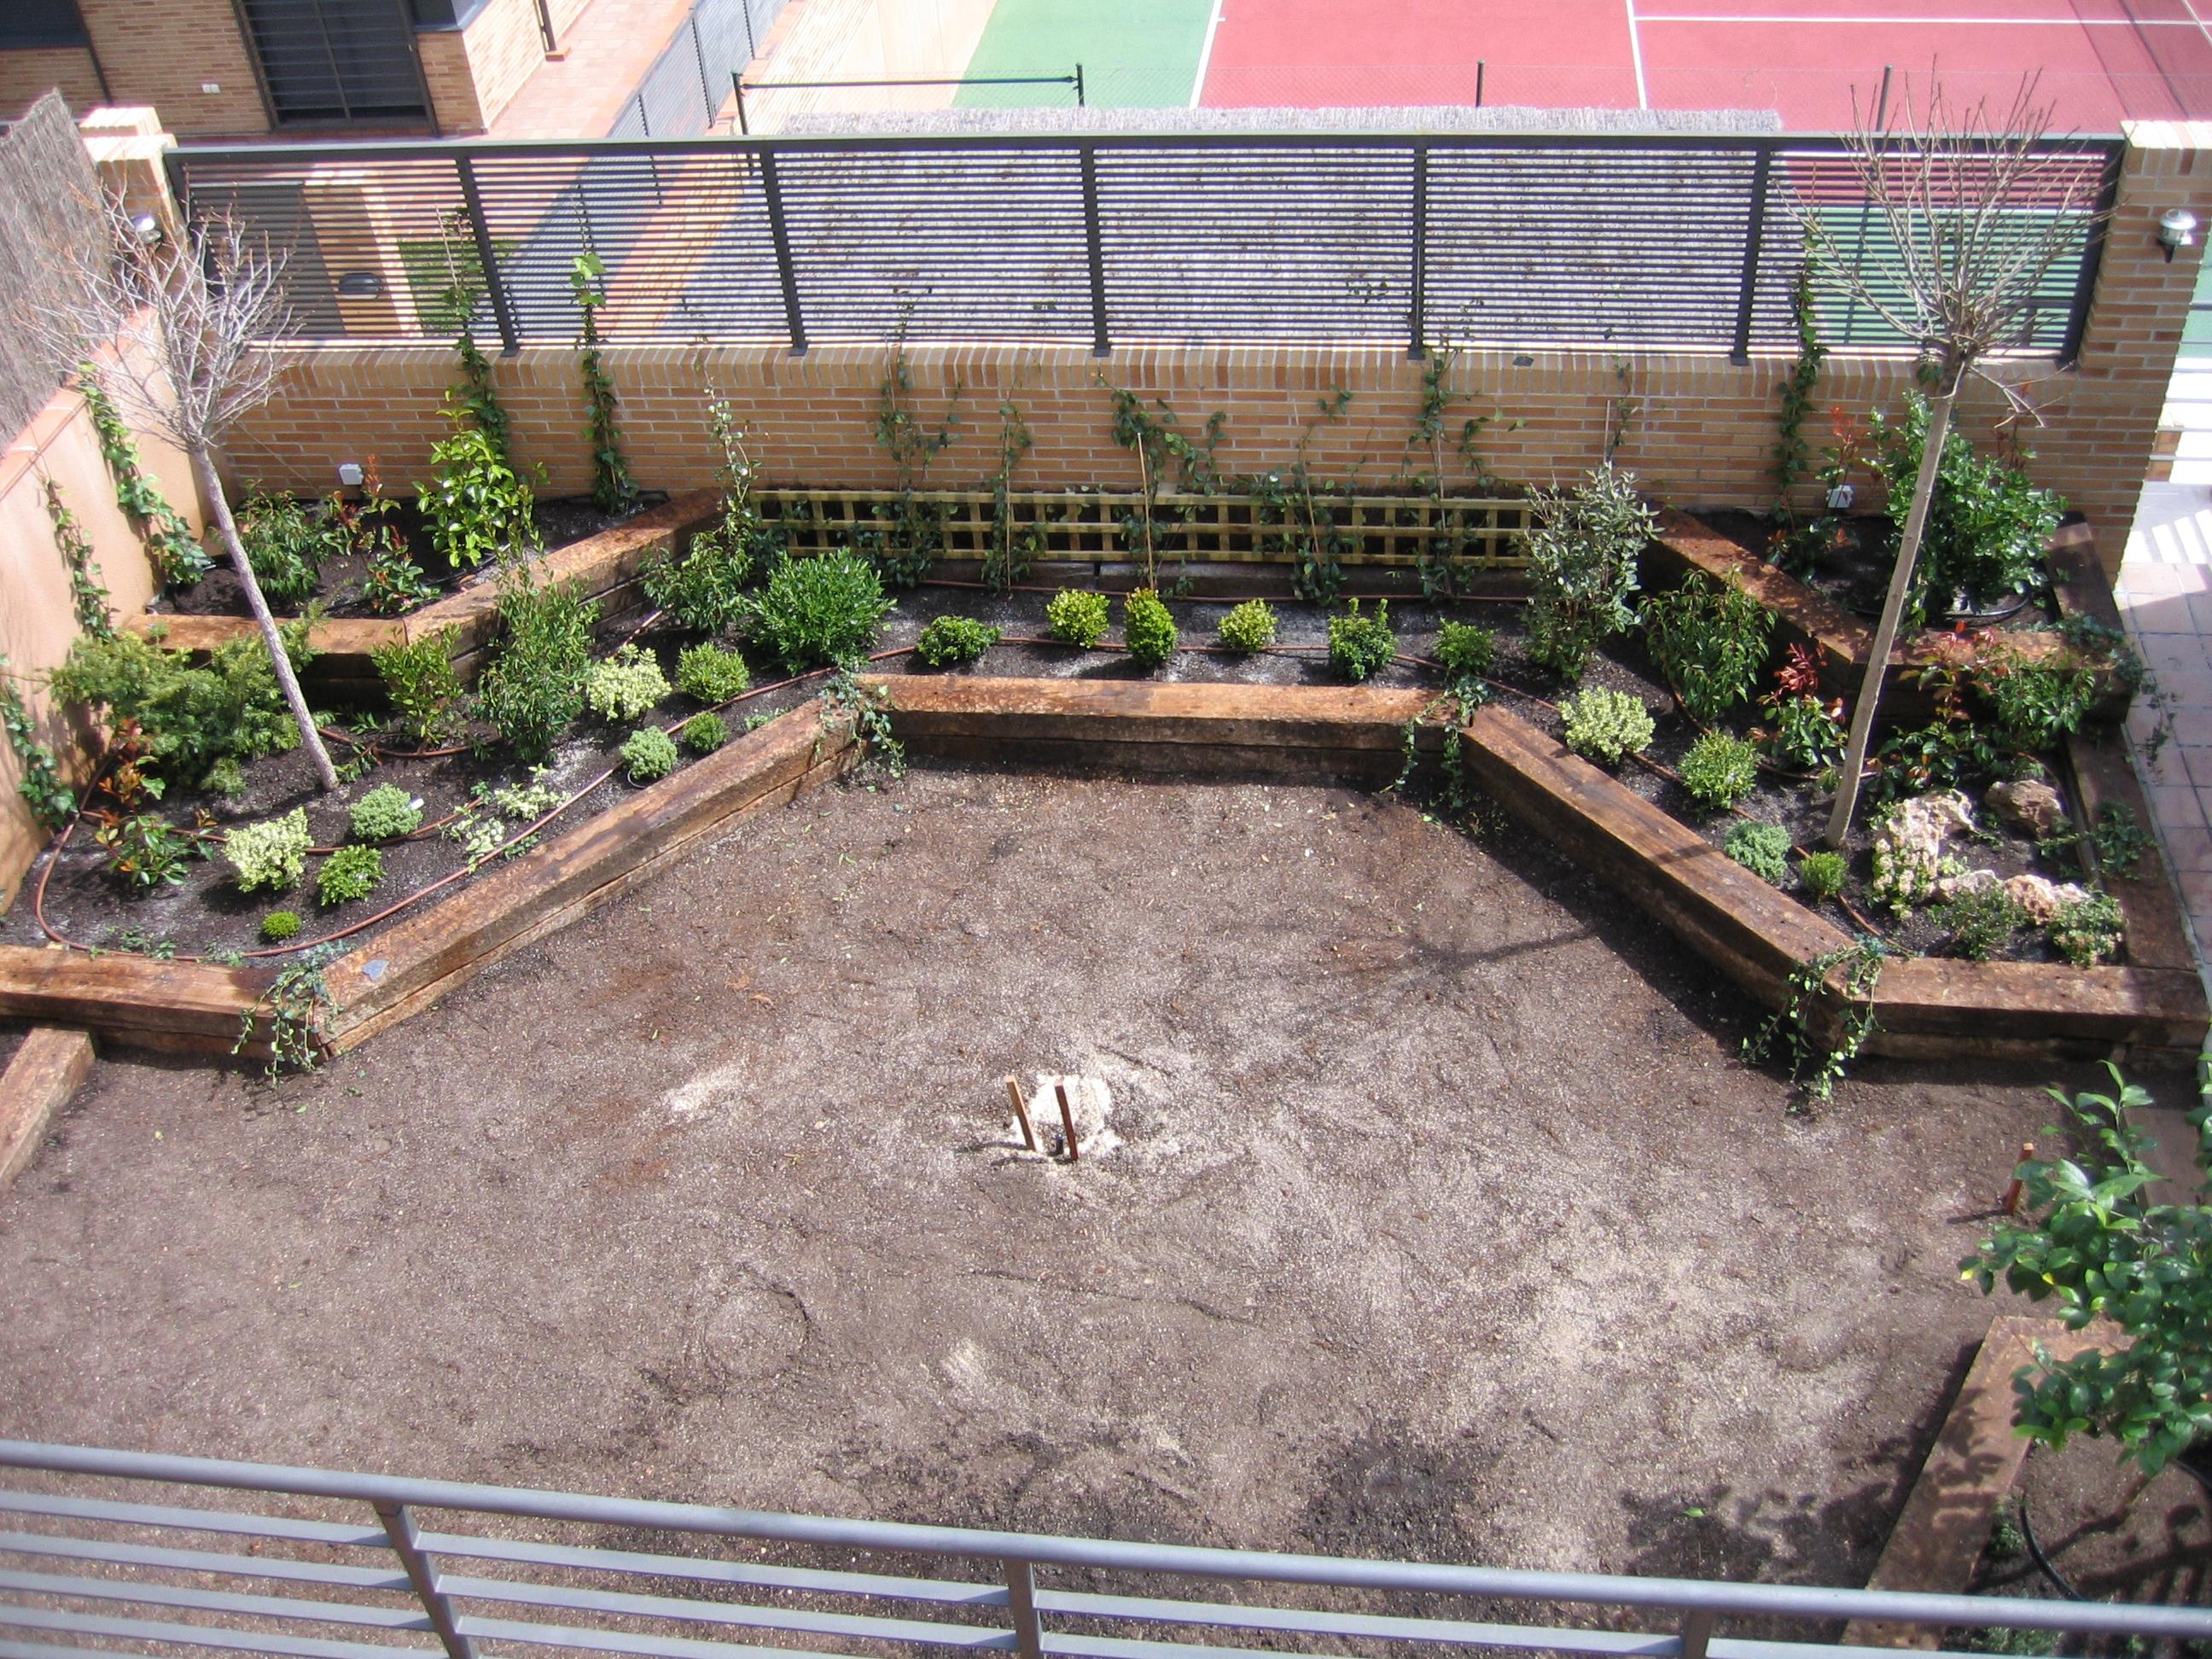 File jardinera con traviesas 02 jpg wikimedia commons - Jardineras de madera ikea ...